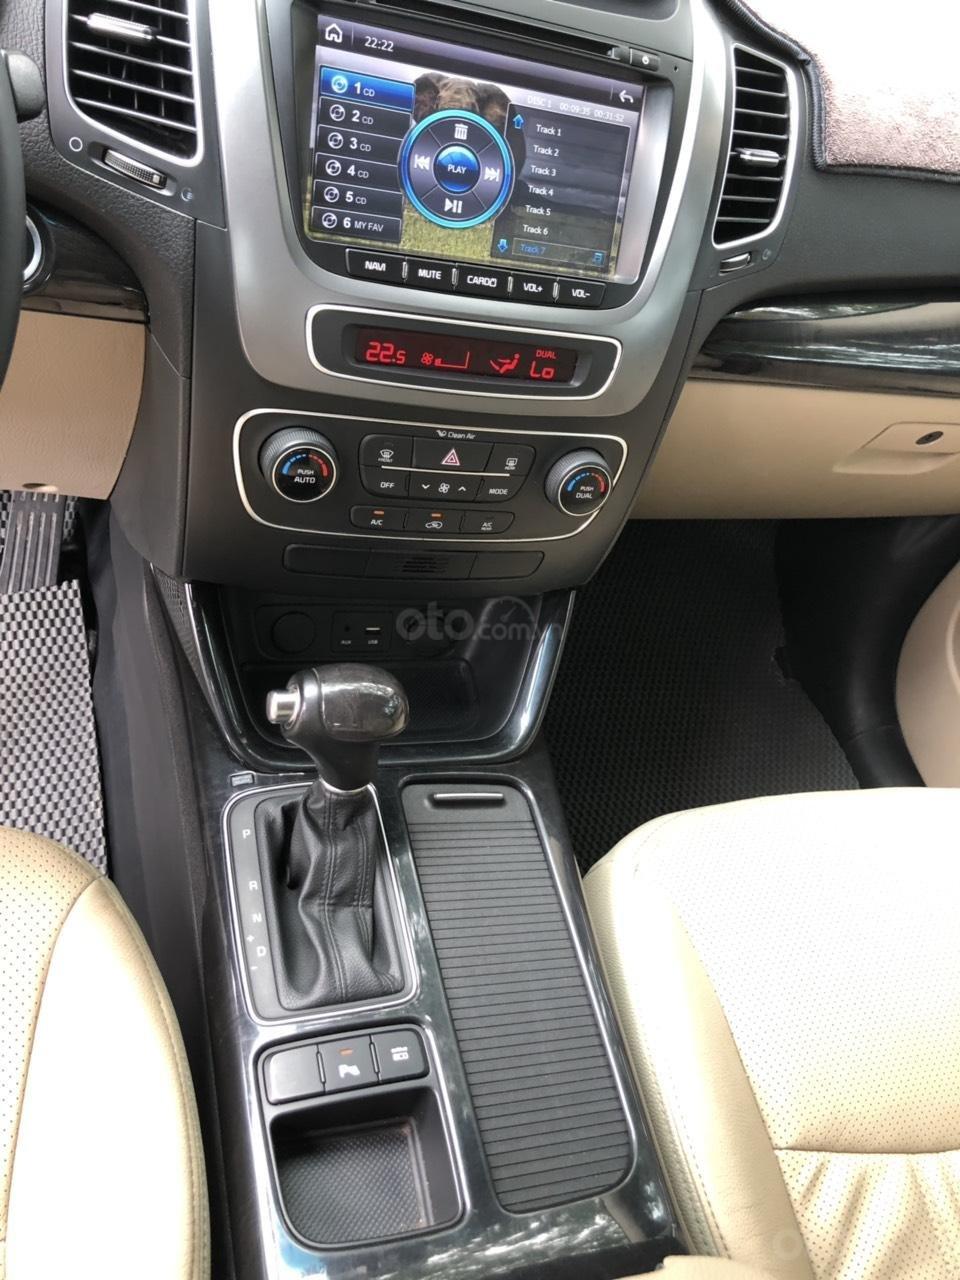 Bán Kia New Sorento DATH 2.2AT máy dầu, sản xuất 2016 đời 2017 xe đẹp (5)